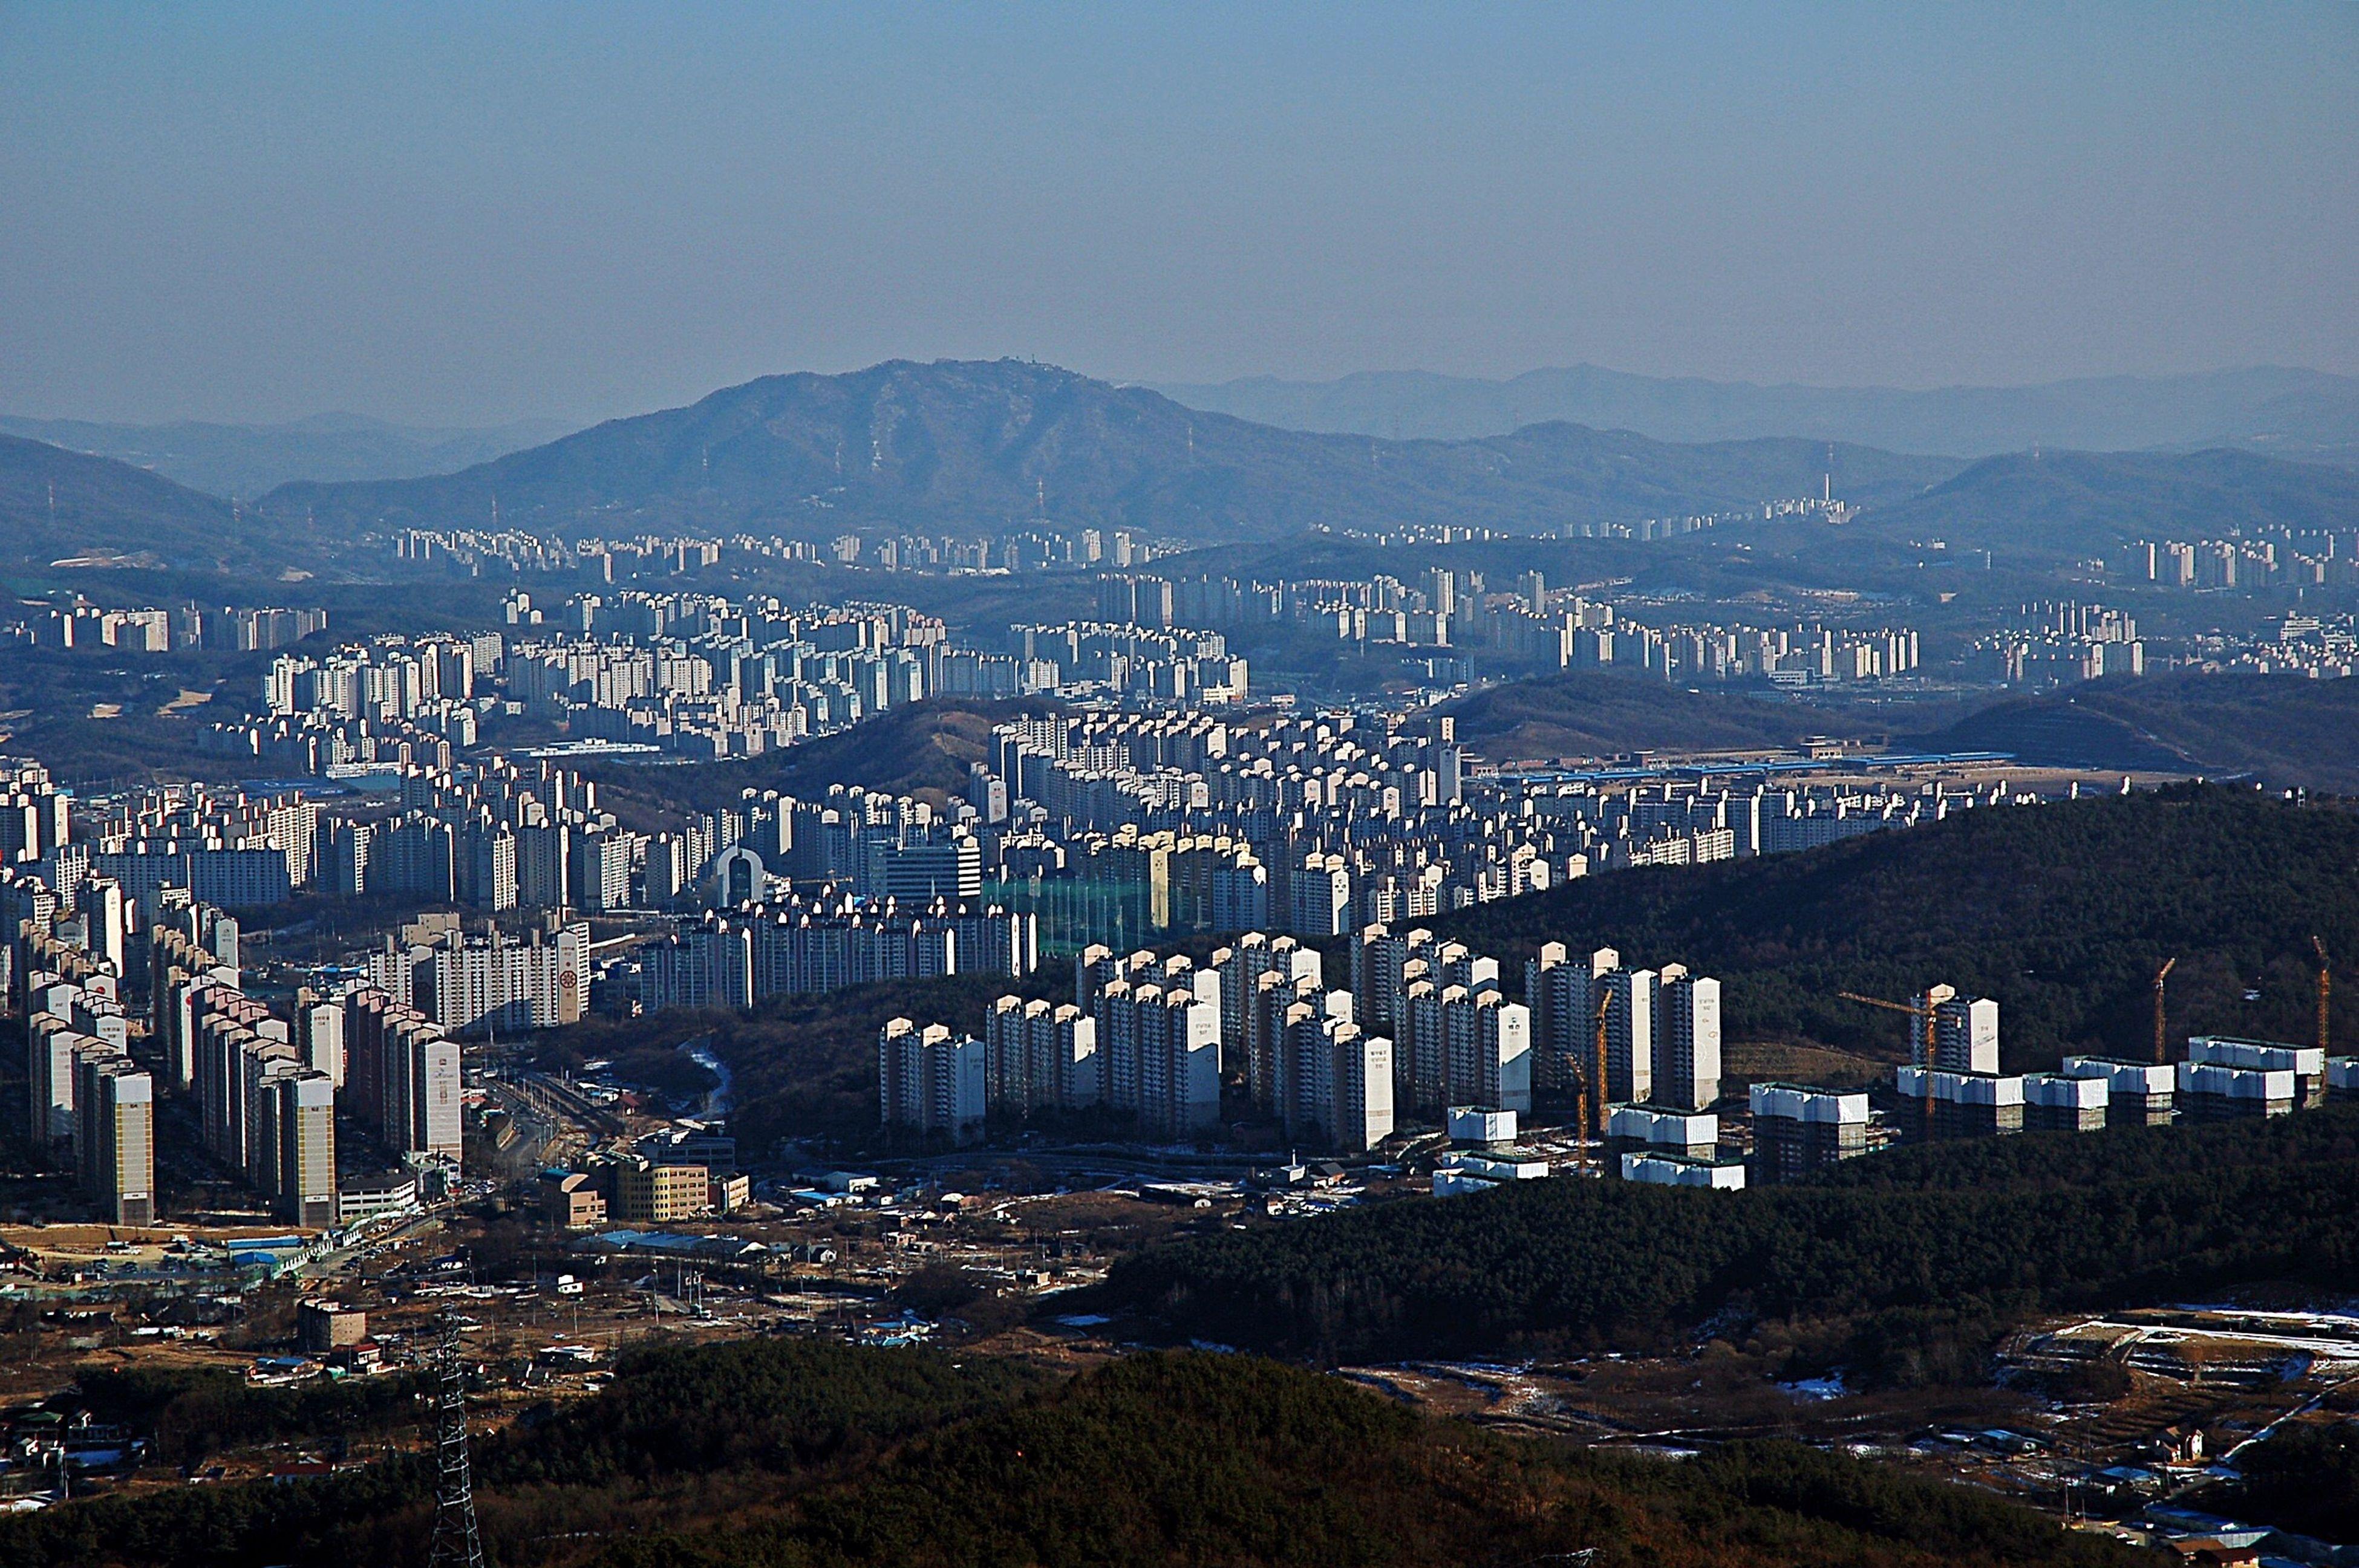 Gwanggyo Mountain Landscape Nikon D50